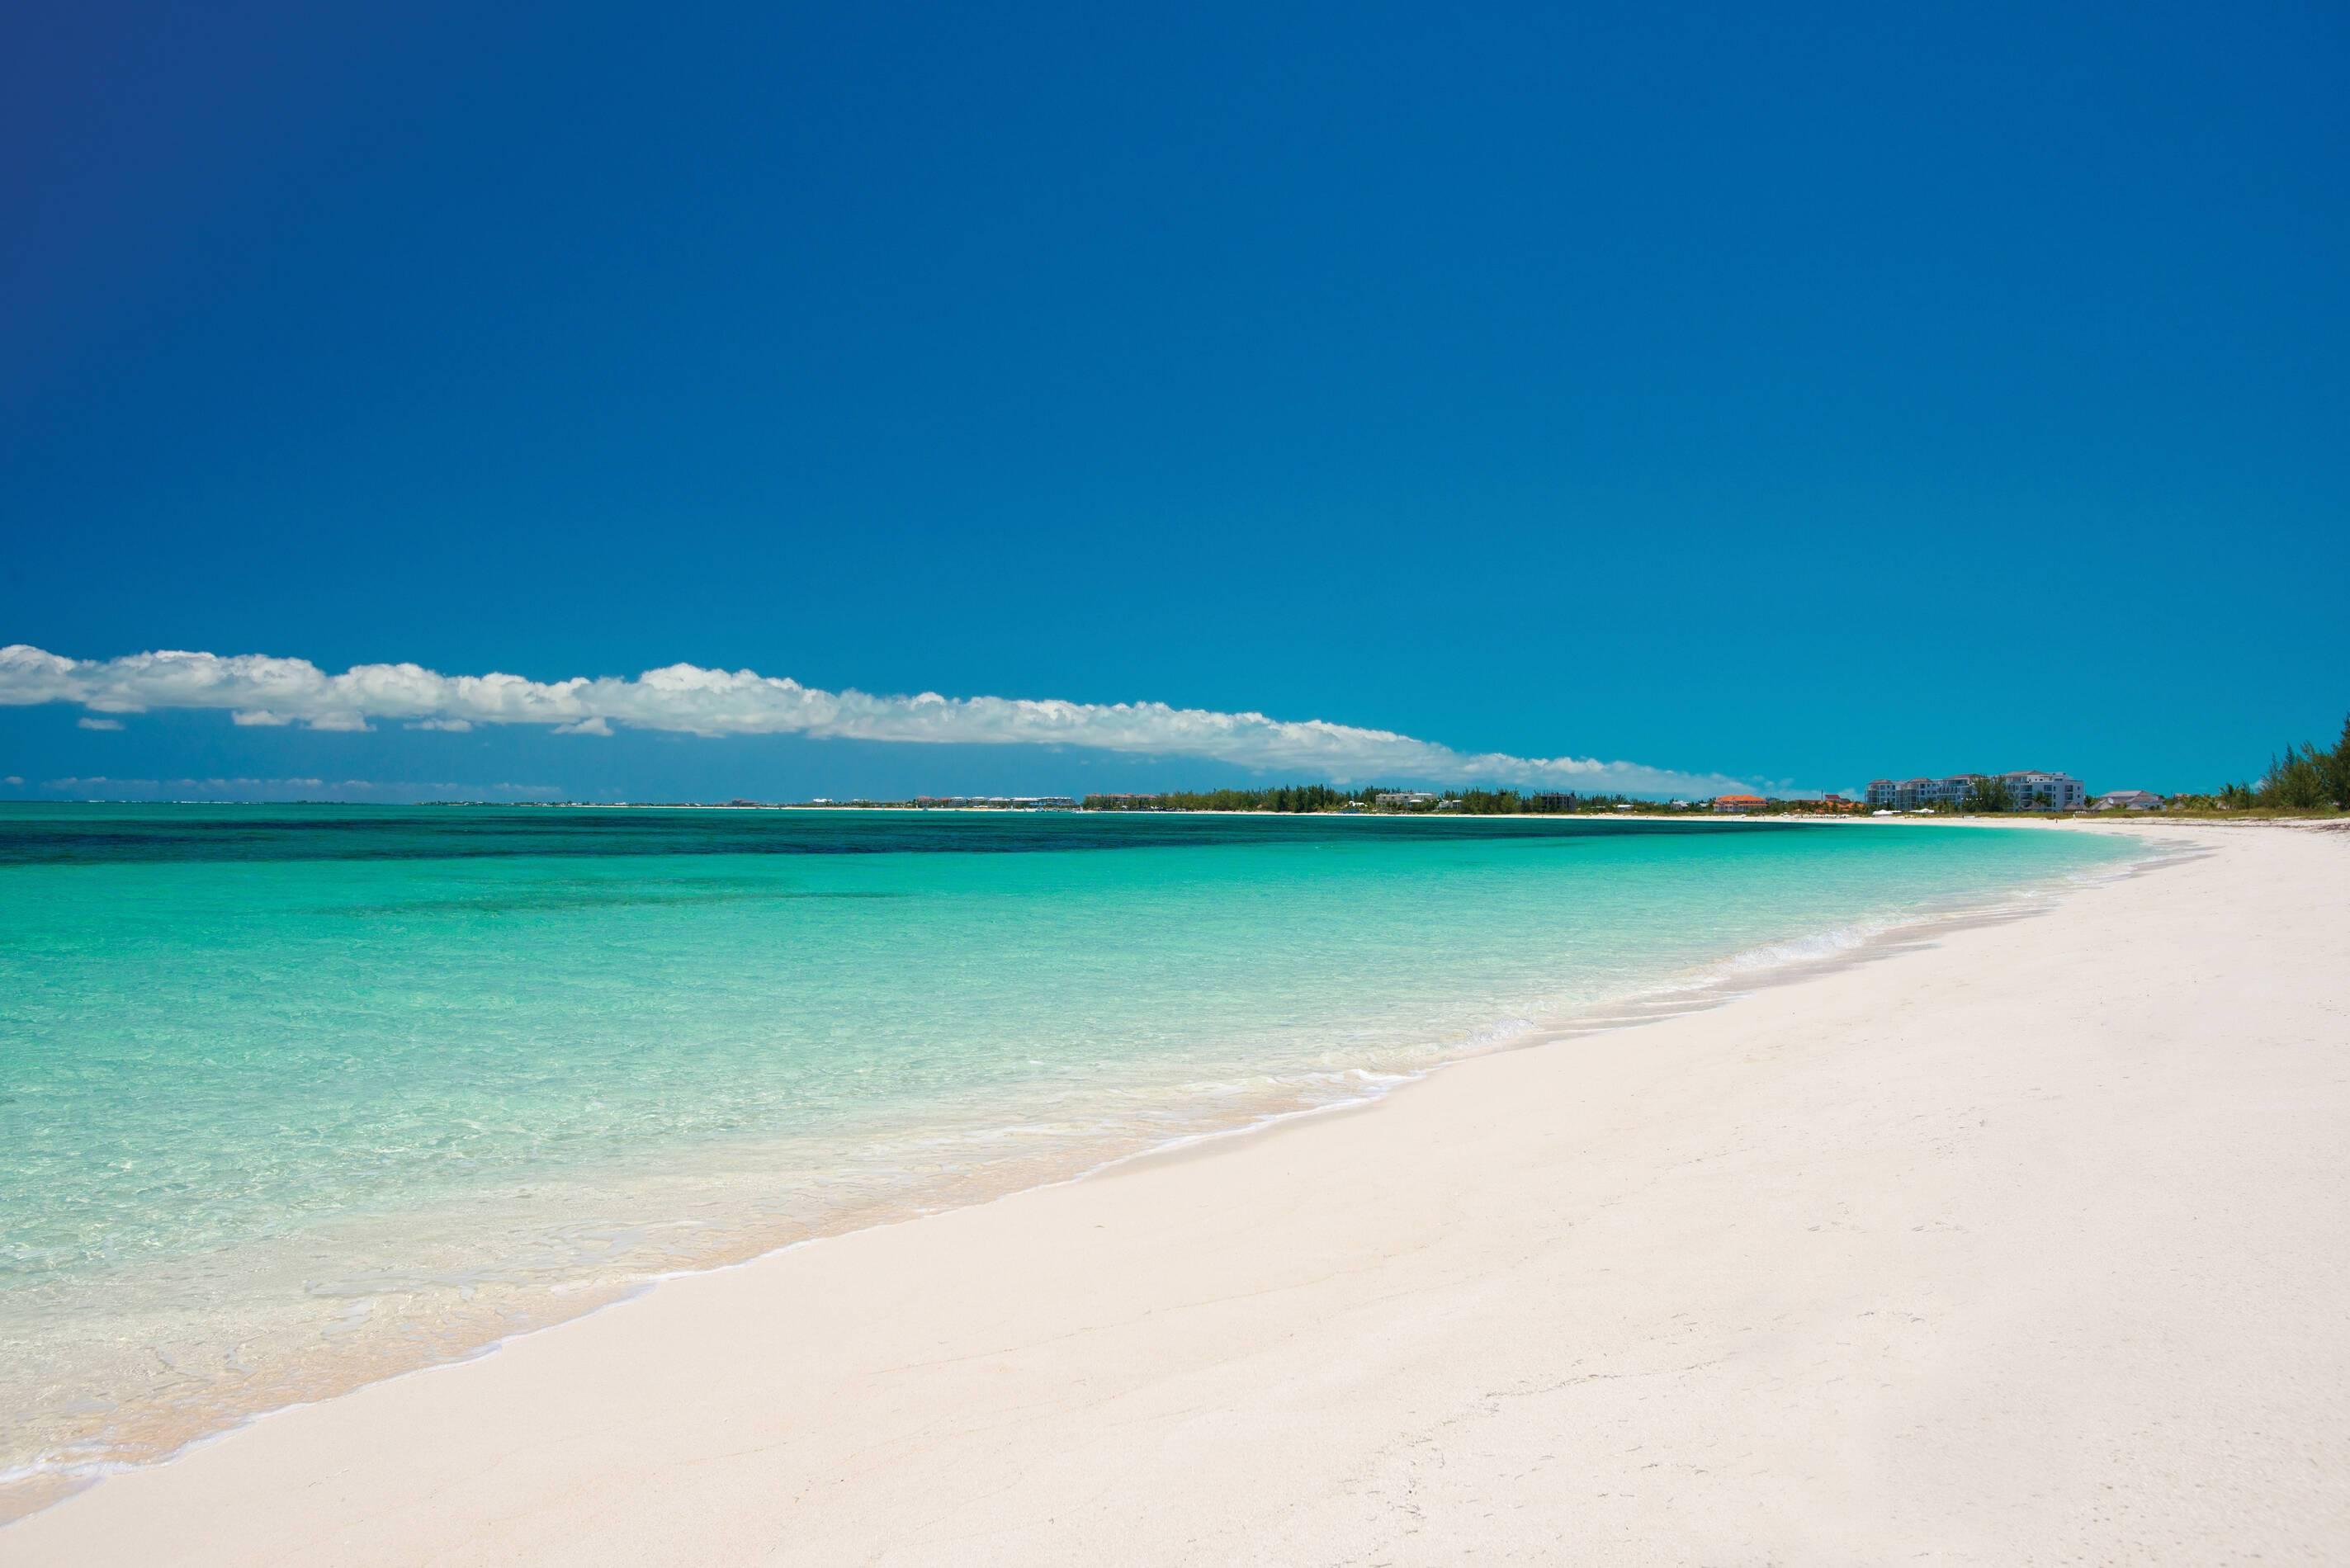 Plage Grace Bay Turks et Caicos